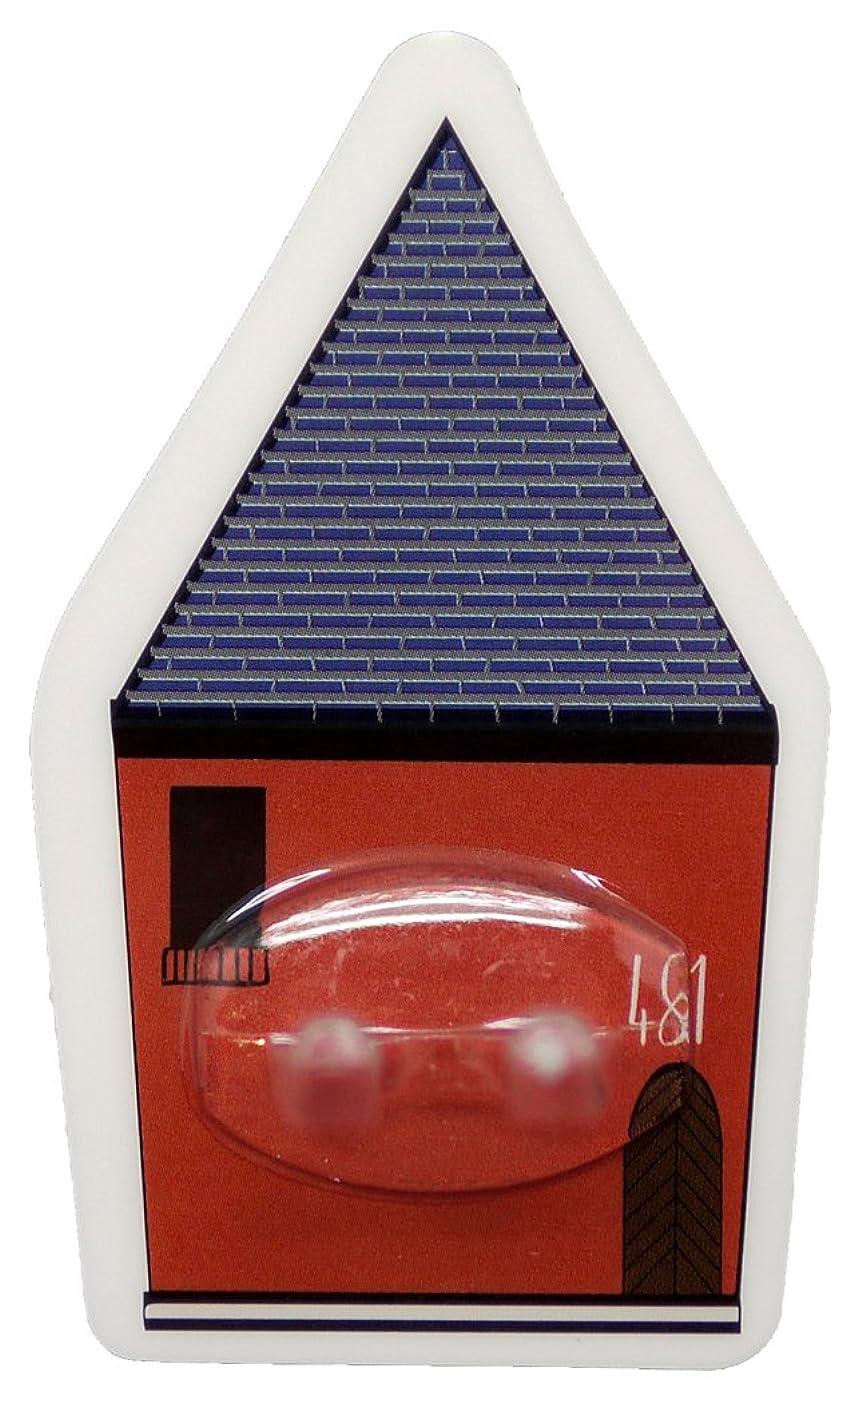 セグメント静かにに関してPALAS & DECORE LUONNOS Nordis(ノルディス) マジックシートフック ハブラシホルダー ハウスレッド NRD-10 B